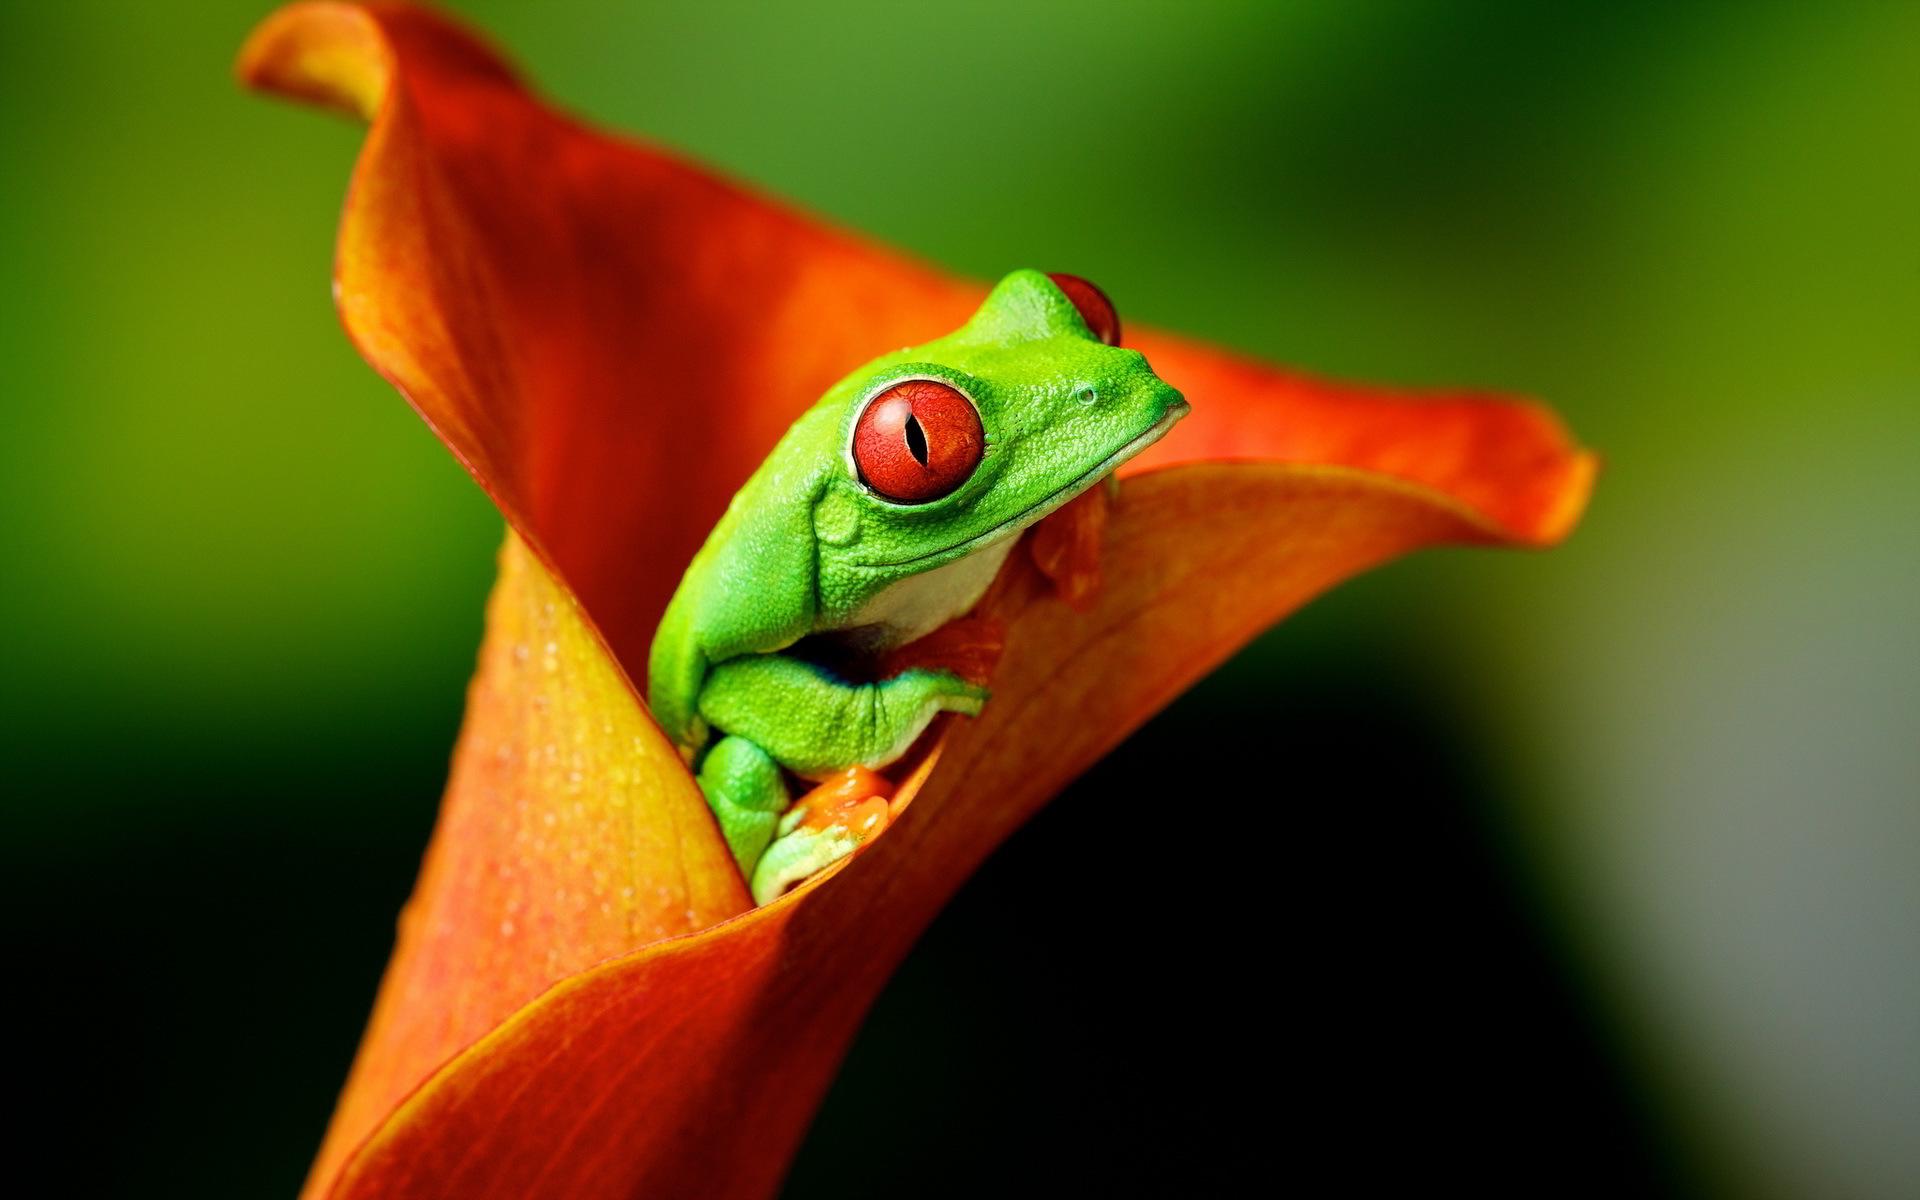 Tree frog hd